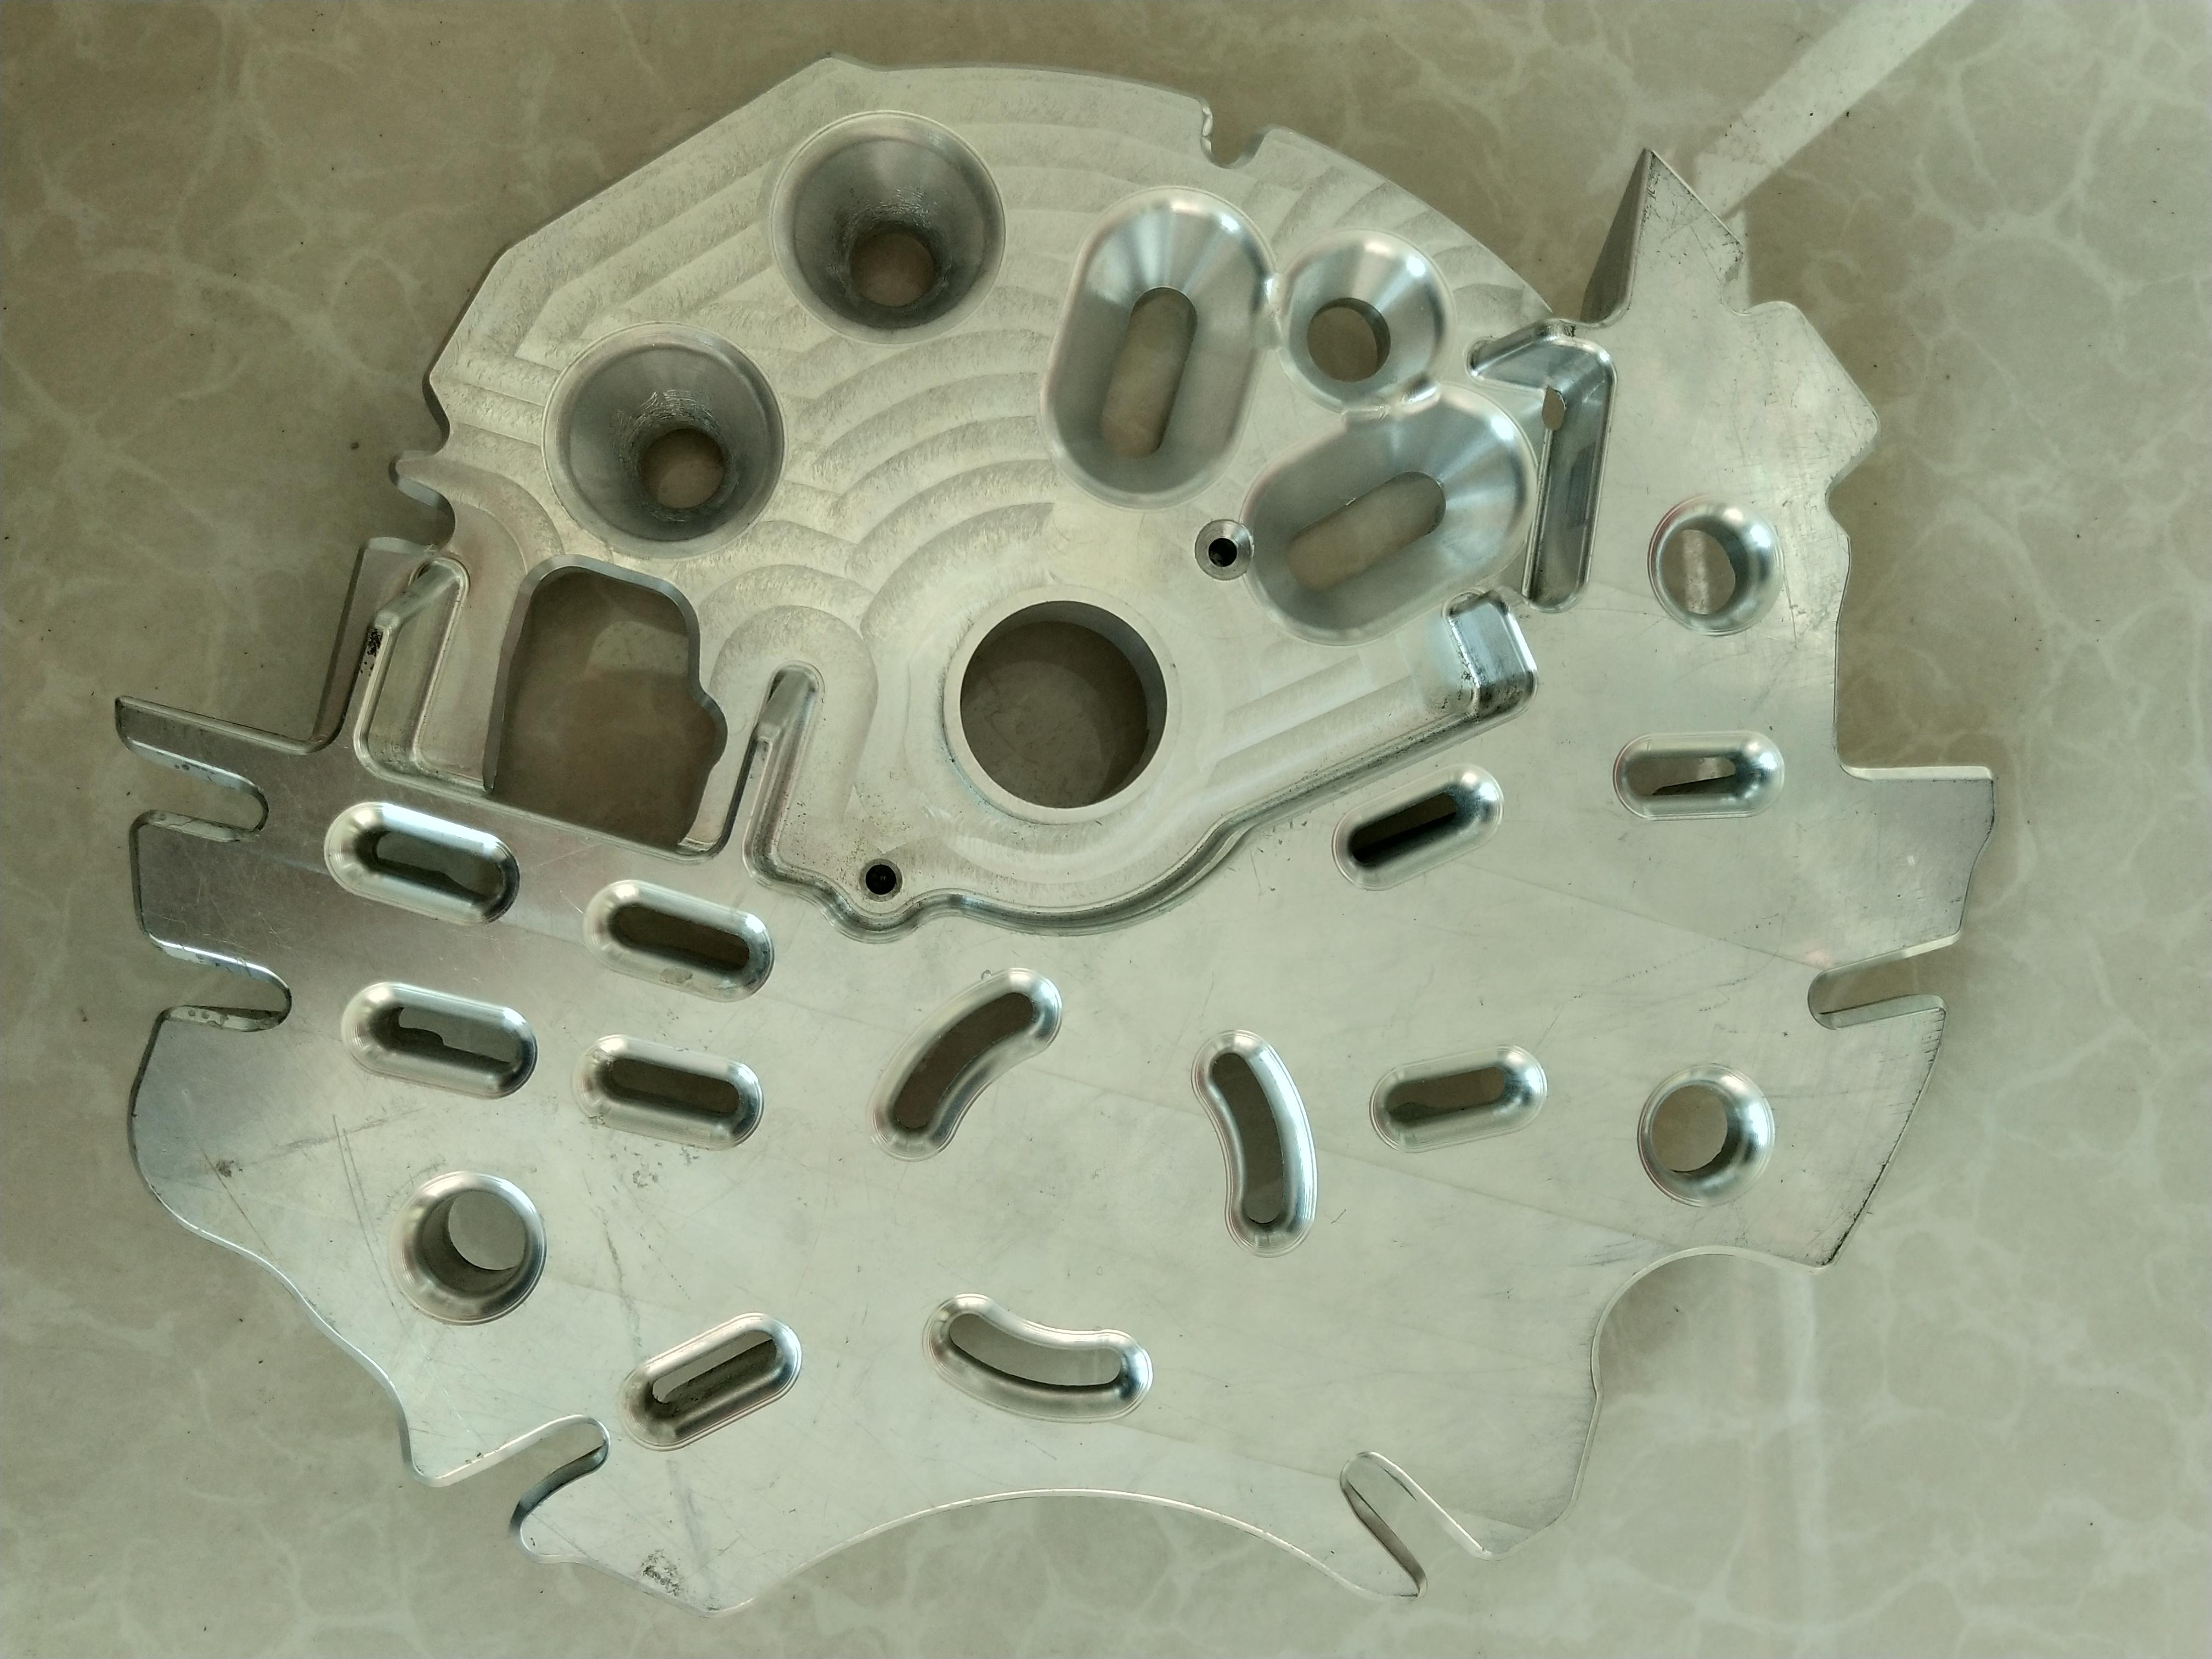 供应 数控CNC精密铝产品加工 精密铝产品加工 数控CNC产品加工 CNC数控自动化机床